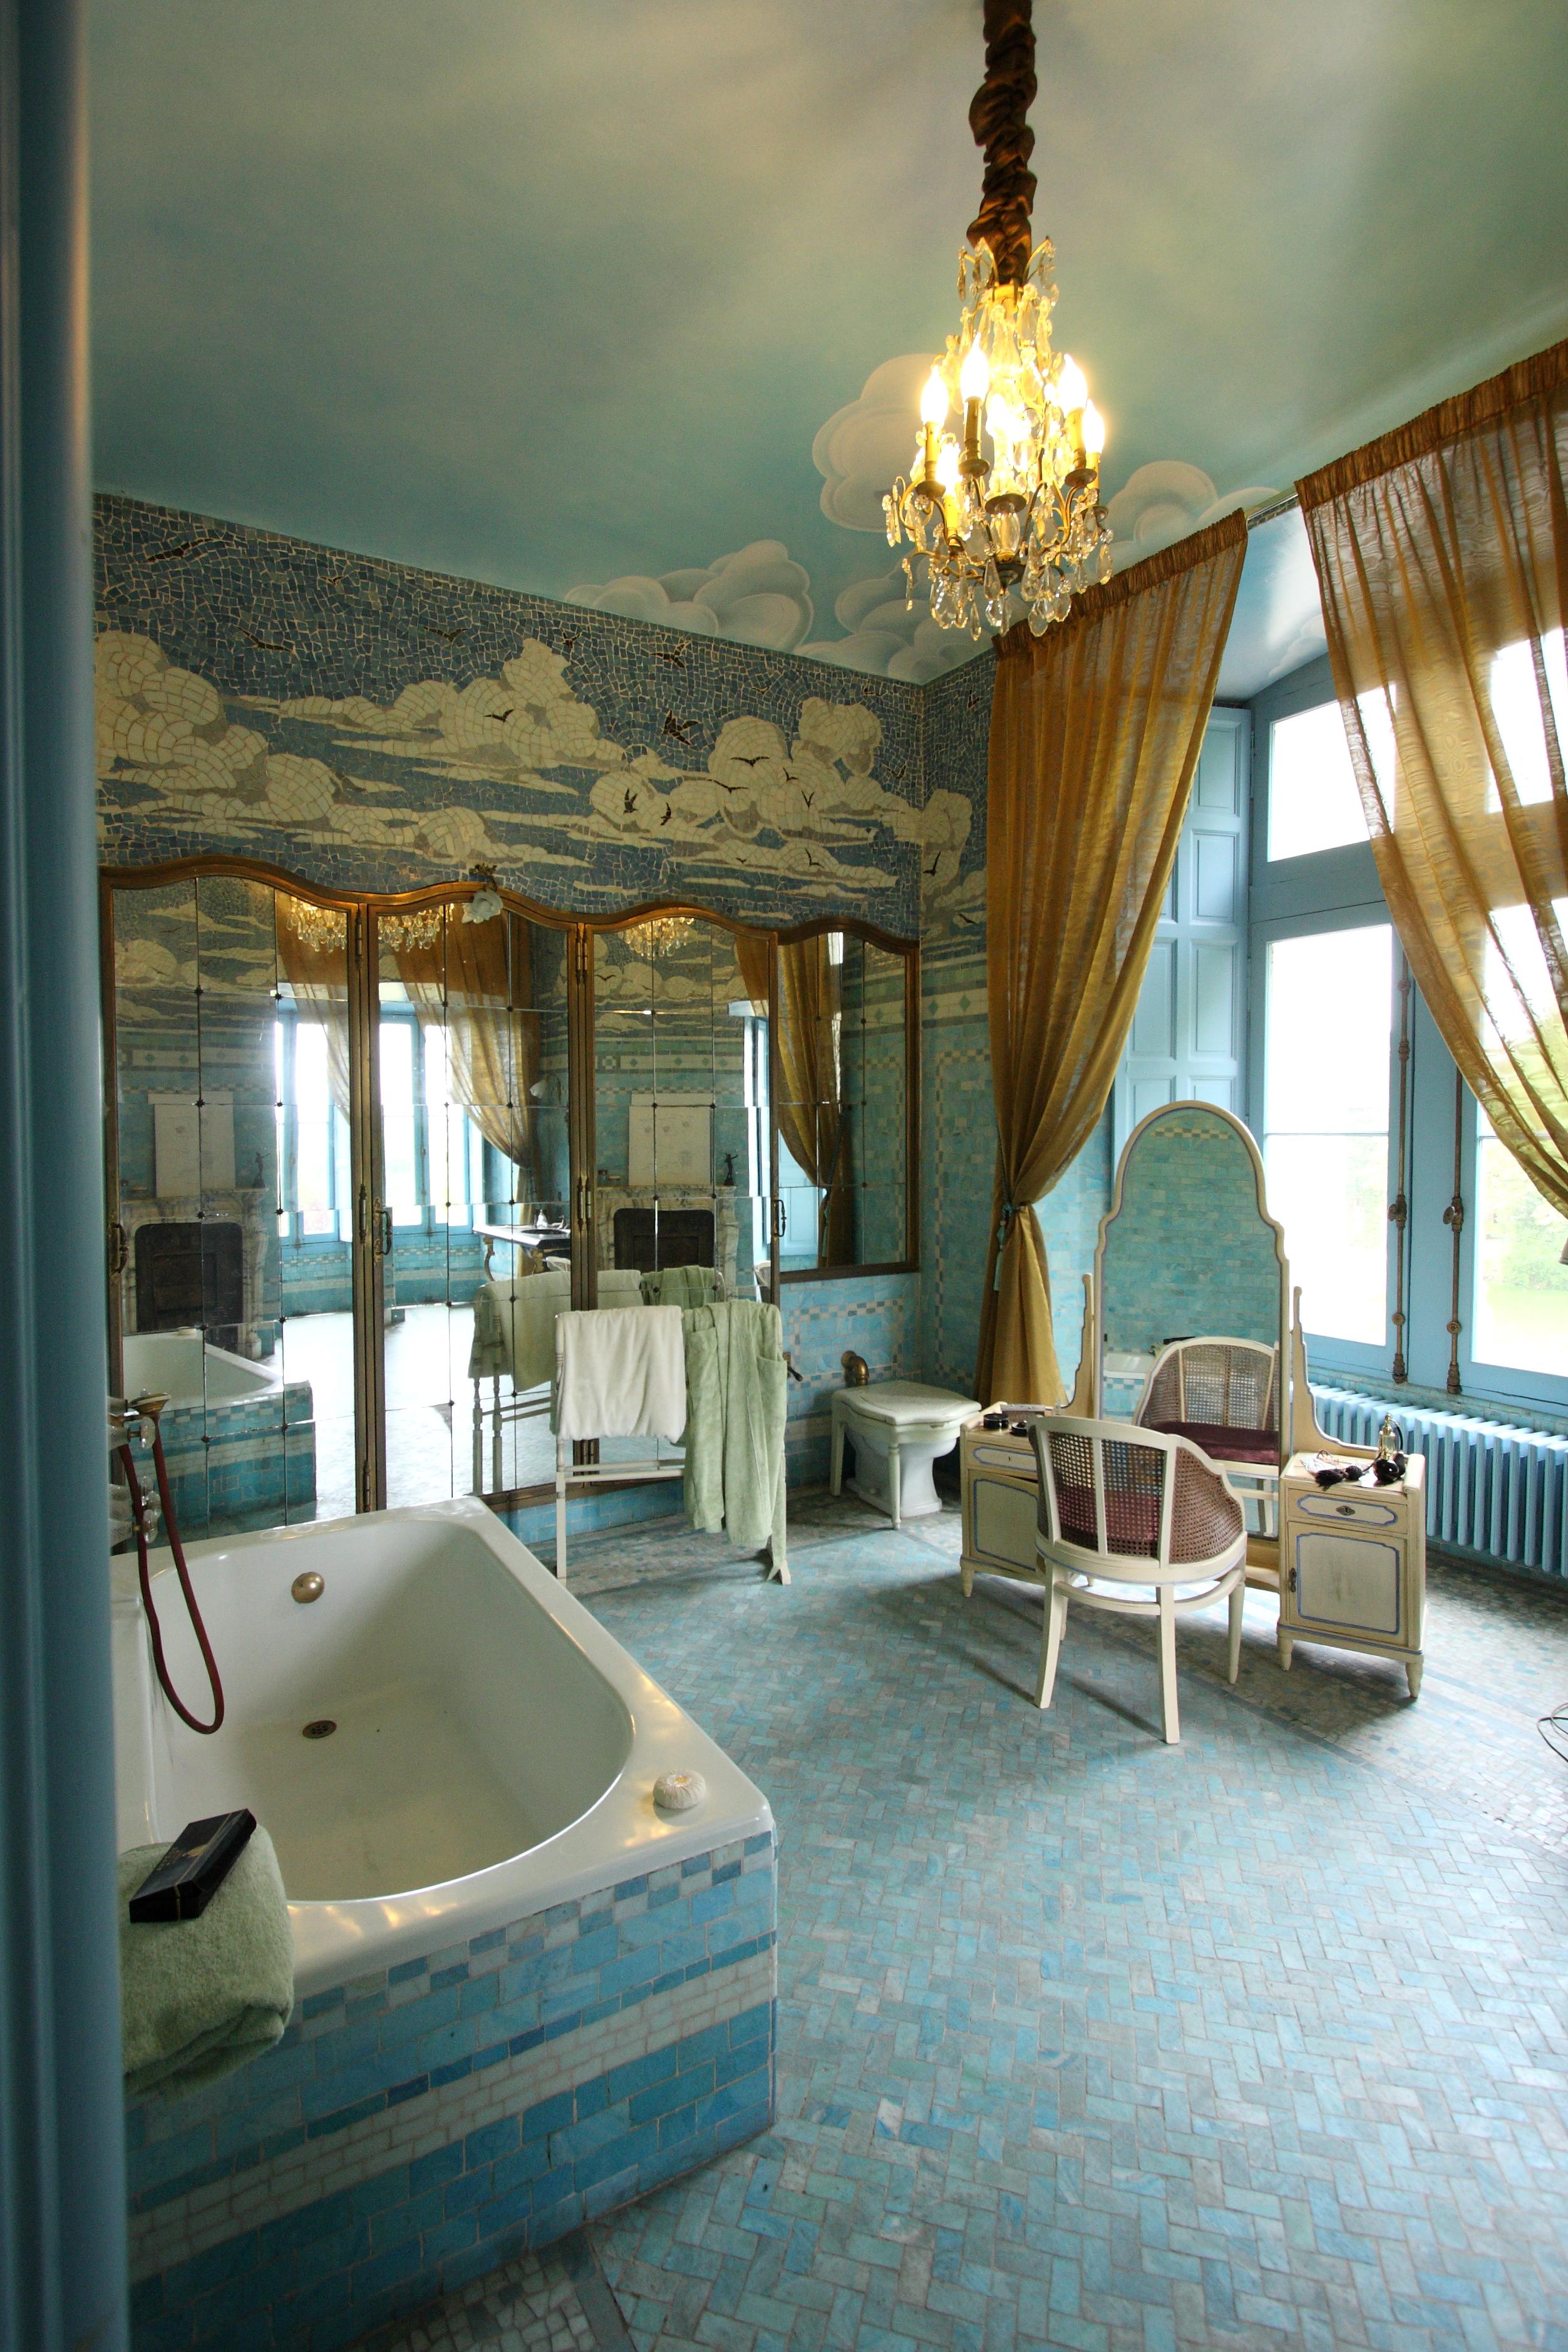 File ch teau de cand salle de bain jpg wikimedia commons - Salle de abin ...